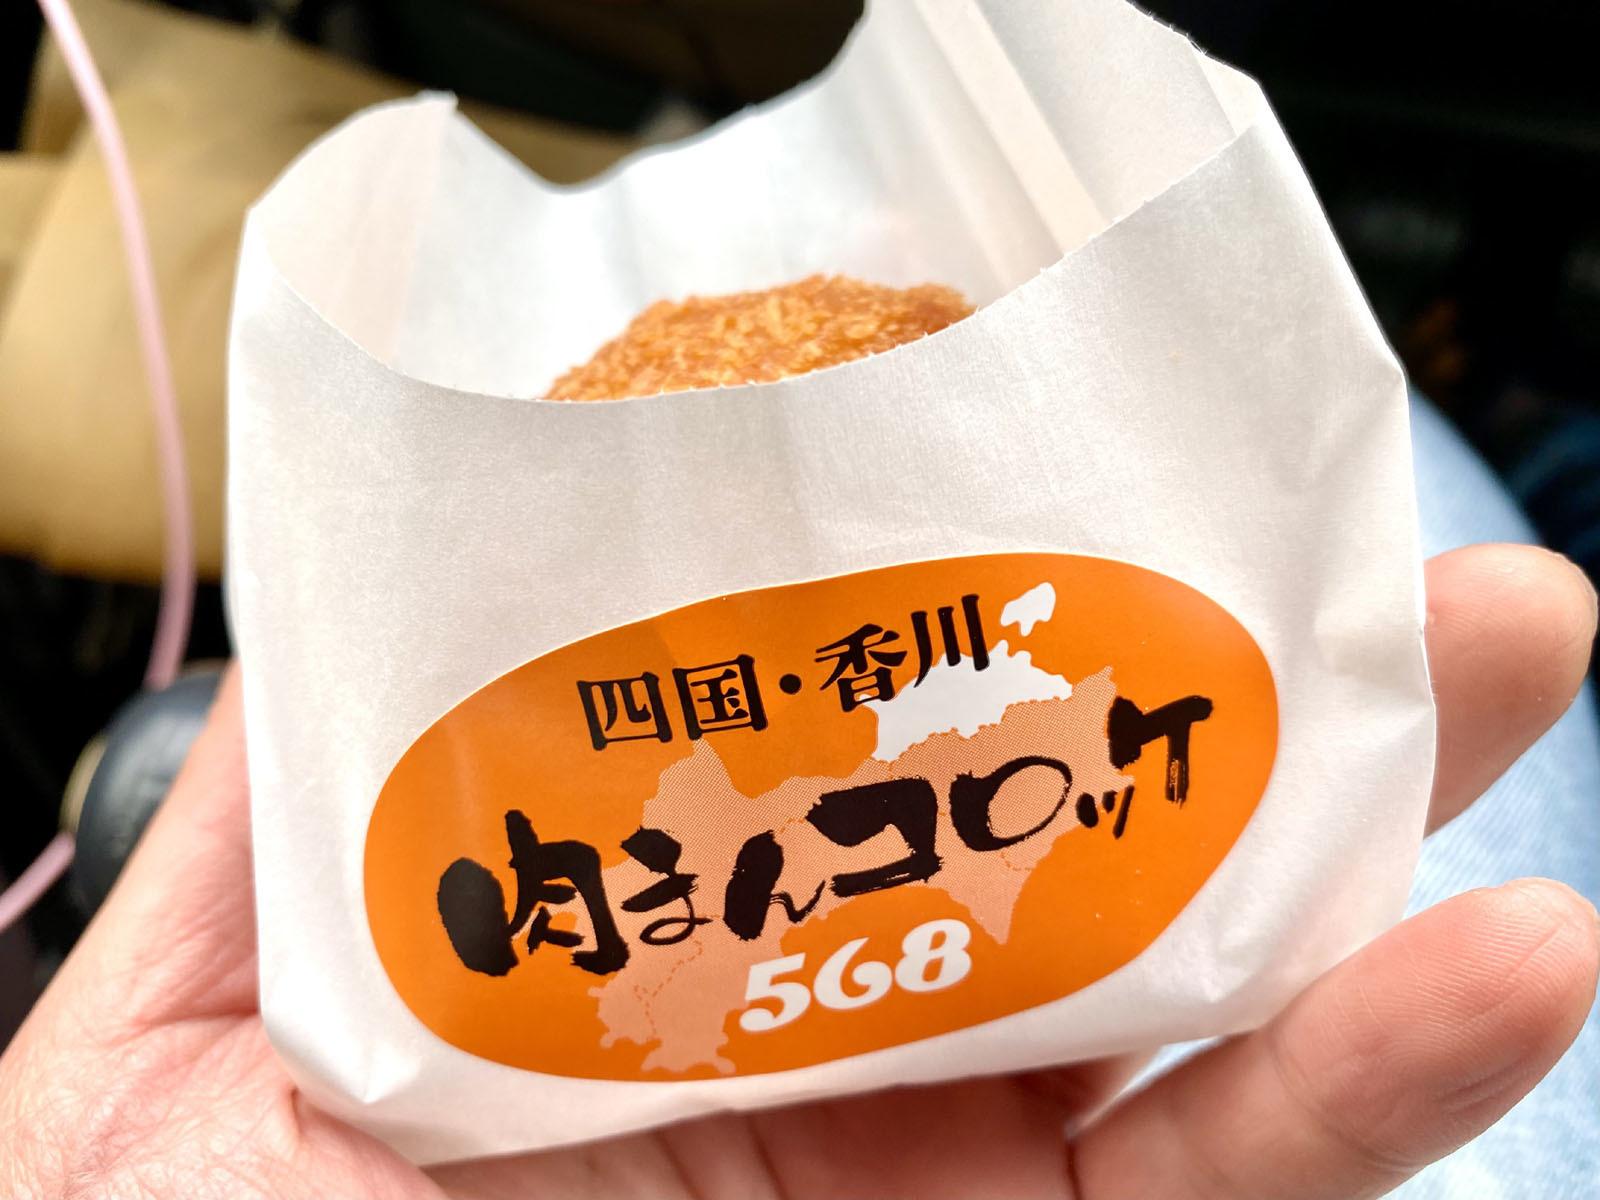 三木マルシェ03 コロ家 肉まんコロッケ 250円(包装)